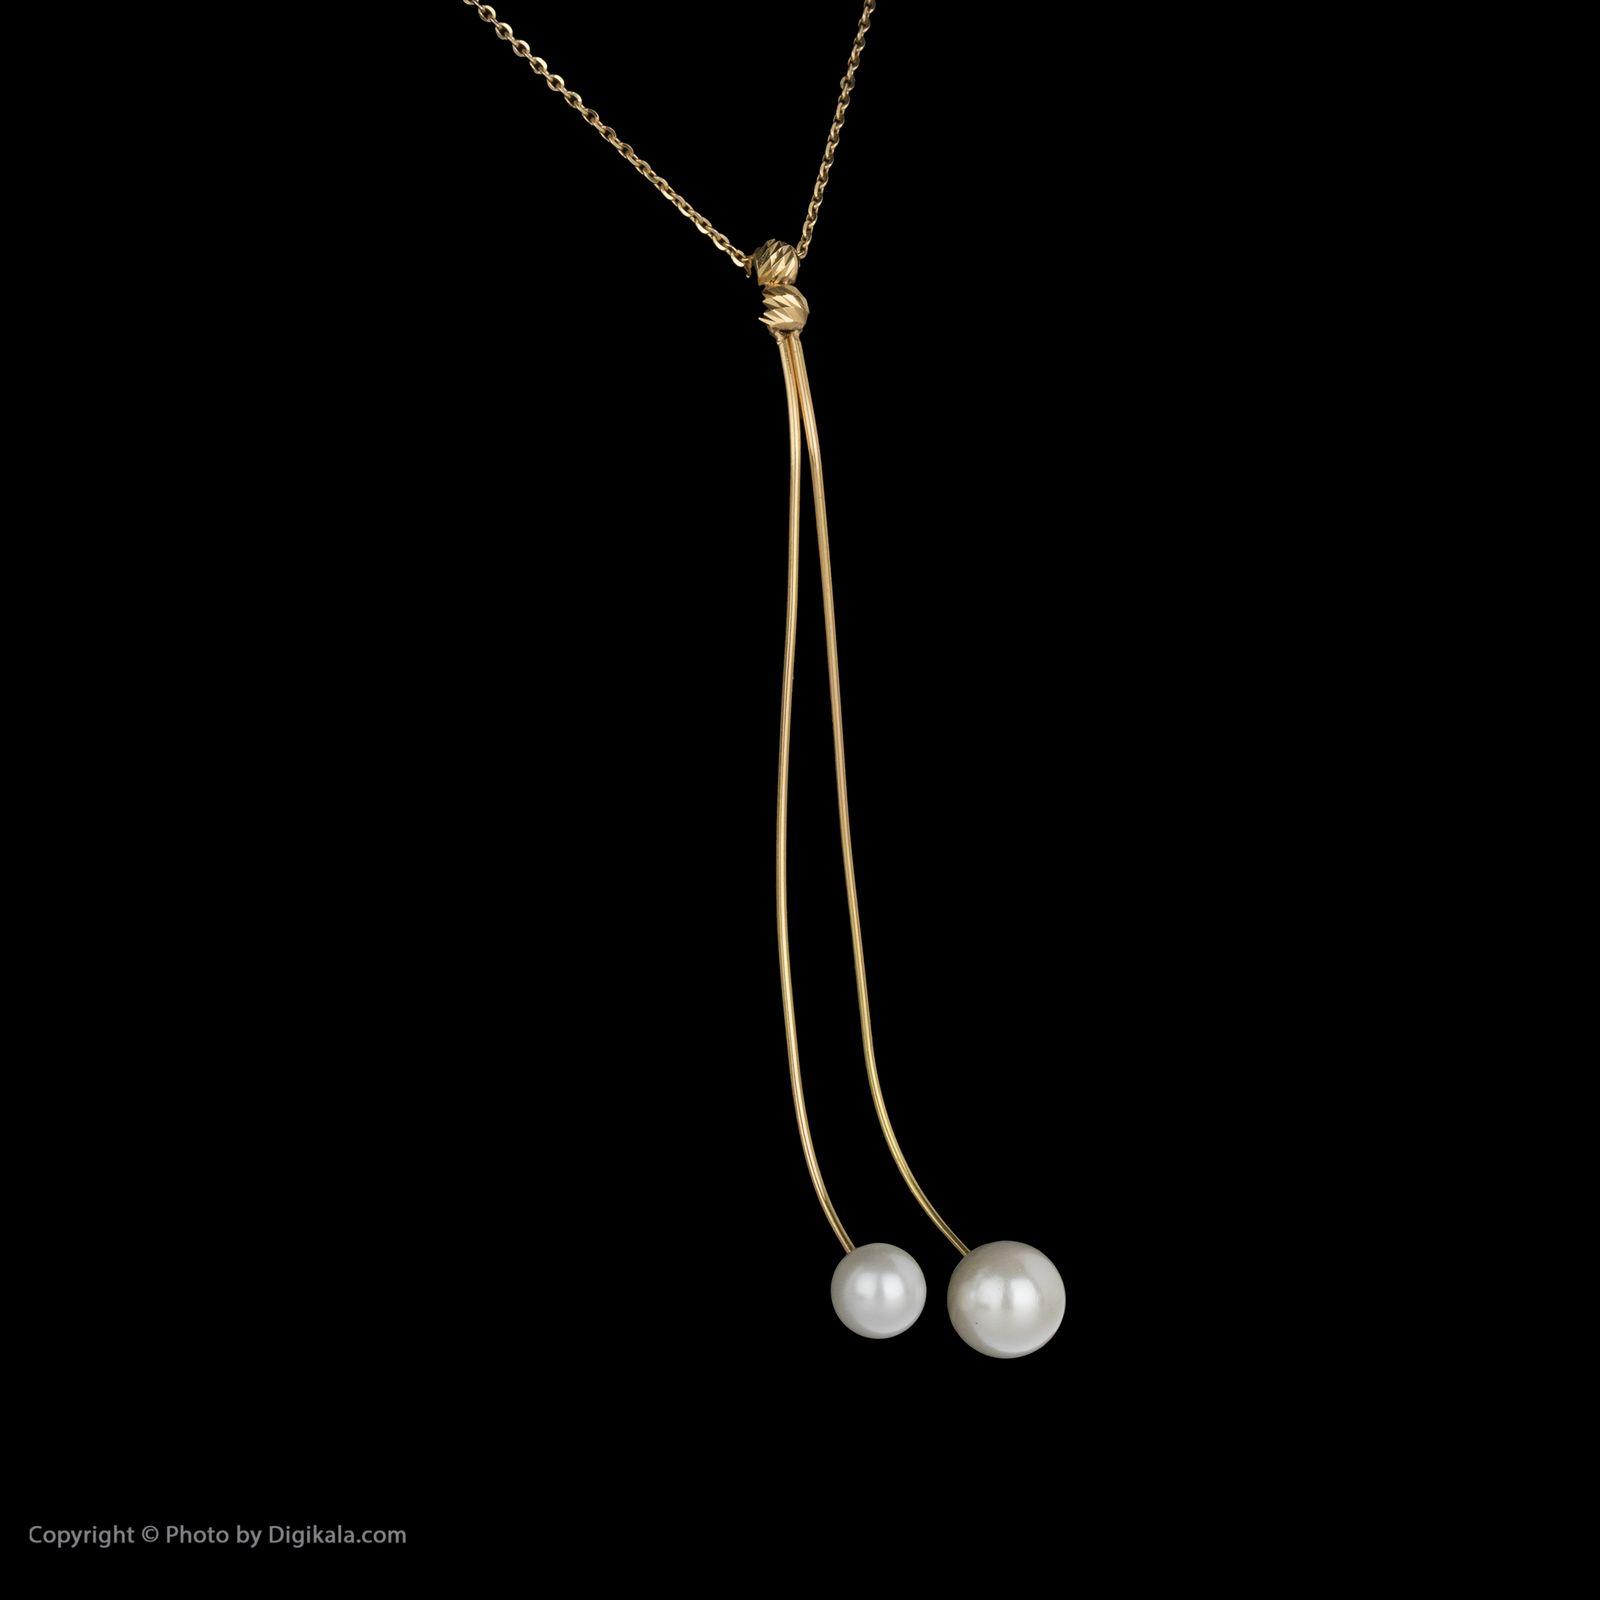 گردنبند طلا 18 عیار زنانه سیودو مدل 145582 -  - 4